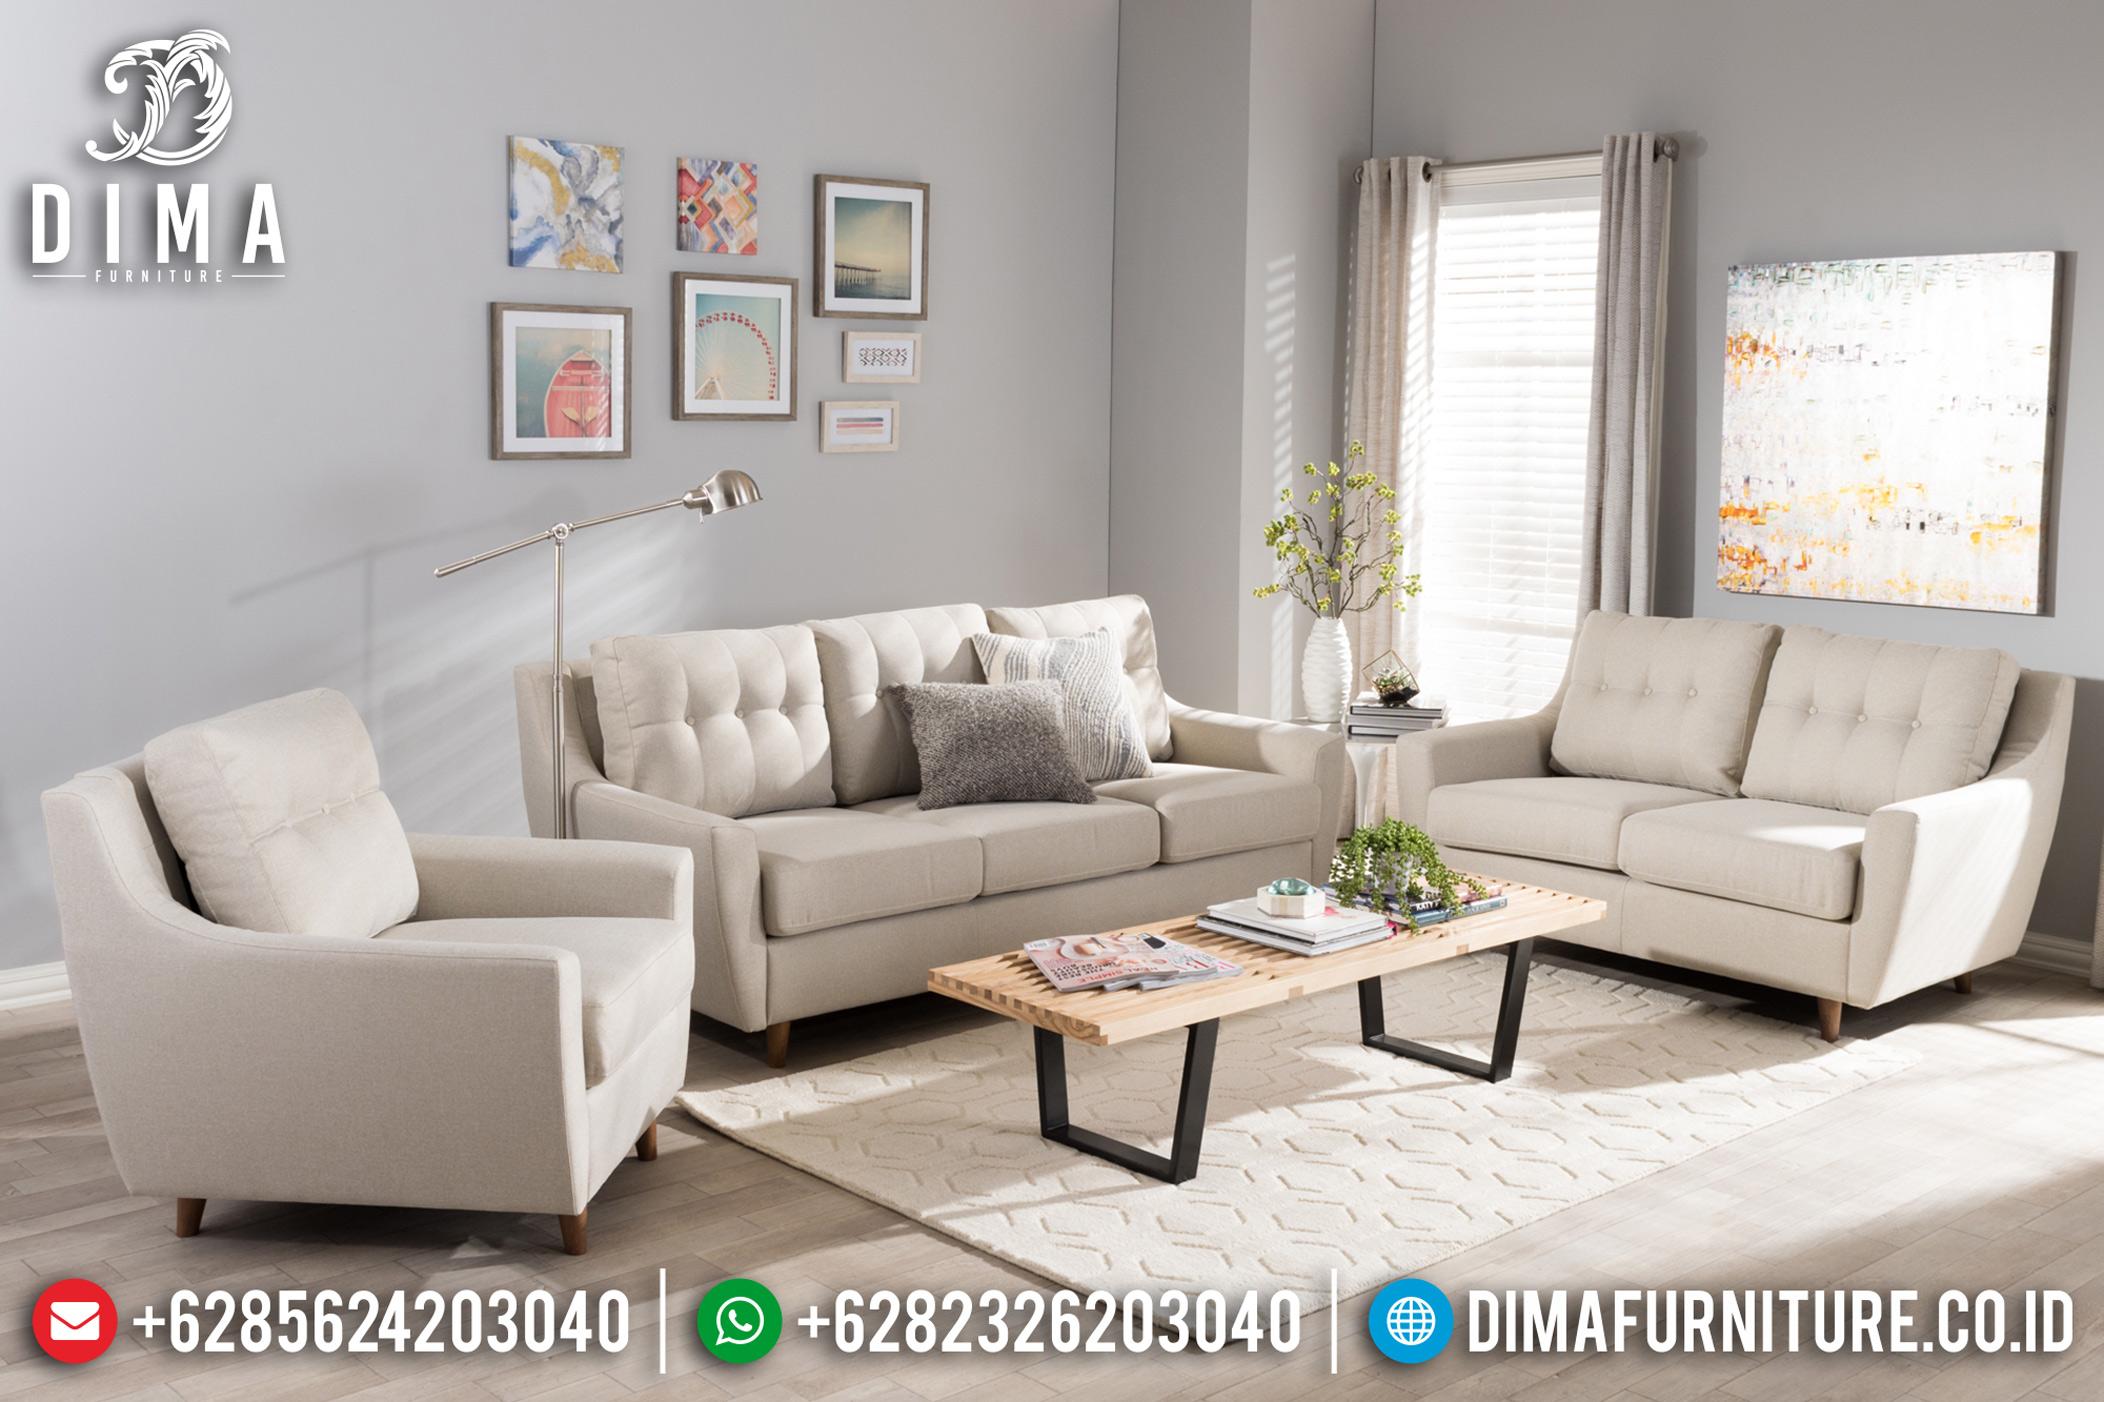 Jual Set Kursi Sofa Tamu Minimalis Jepara Mewah Model Terbaru DF-0843